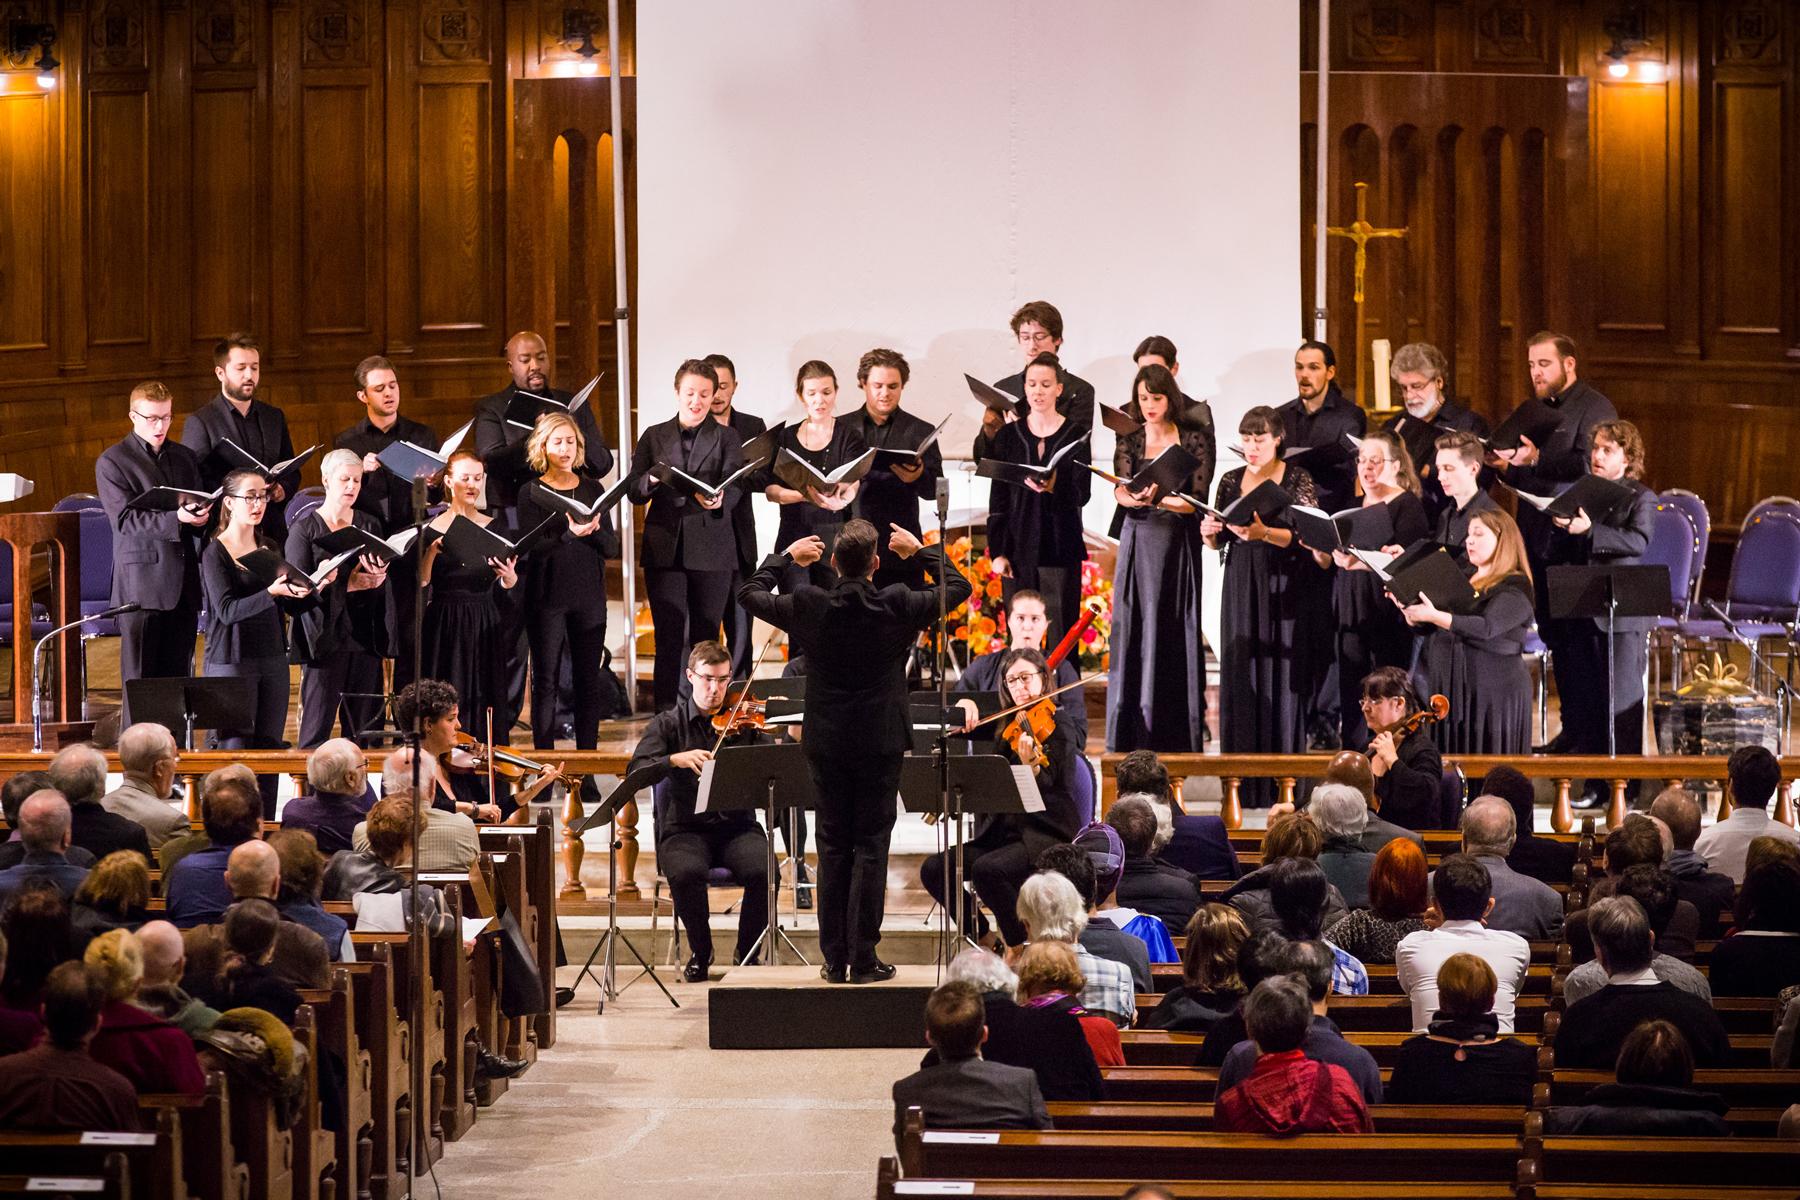 Le chœur et ensemble instrumental de l'Église St. Andrew et St. Paul, sous la direction de Jean-Sébastien Vallée